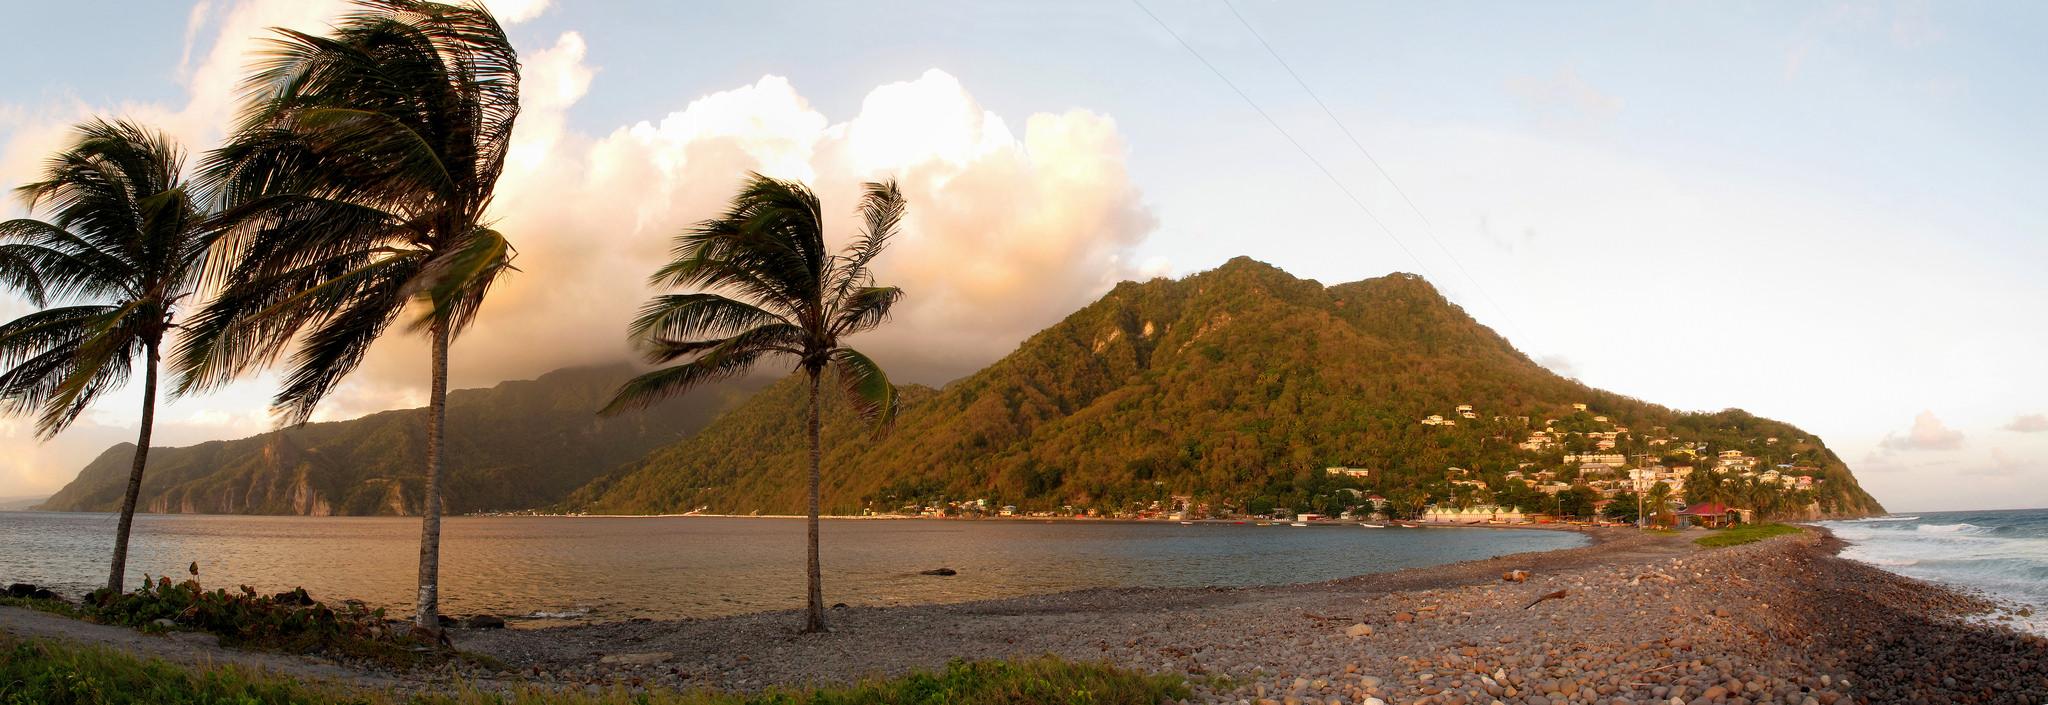 L'isola delle Dominica e gli ultimi indigeni dei Caraibi